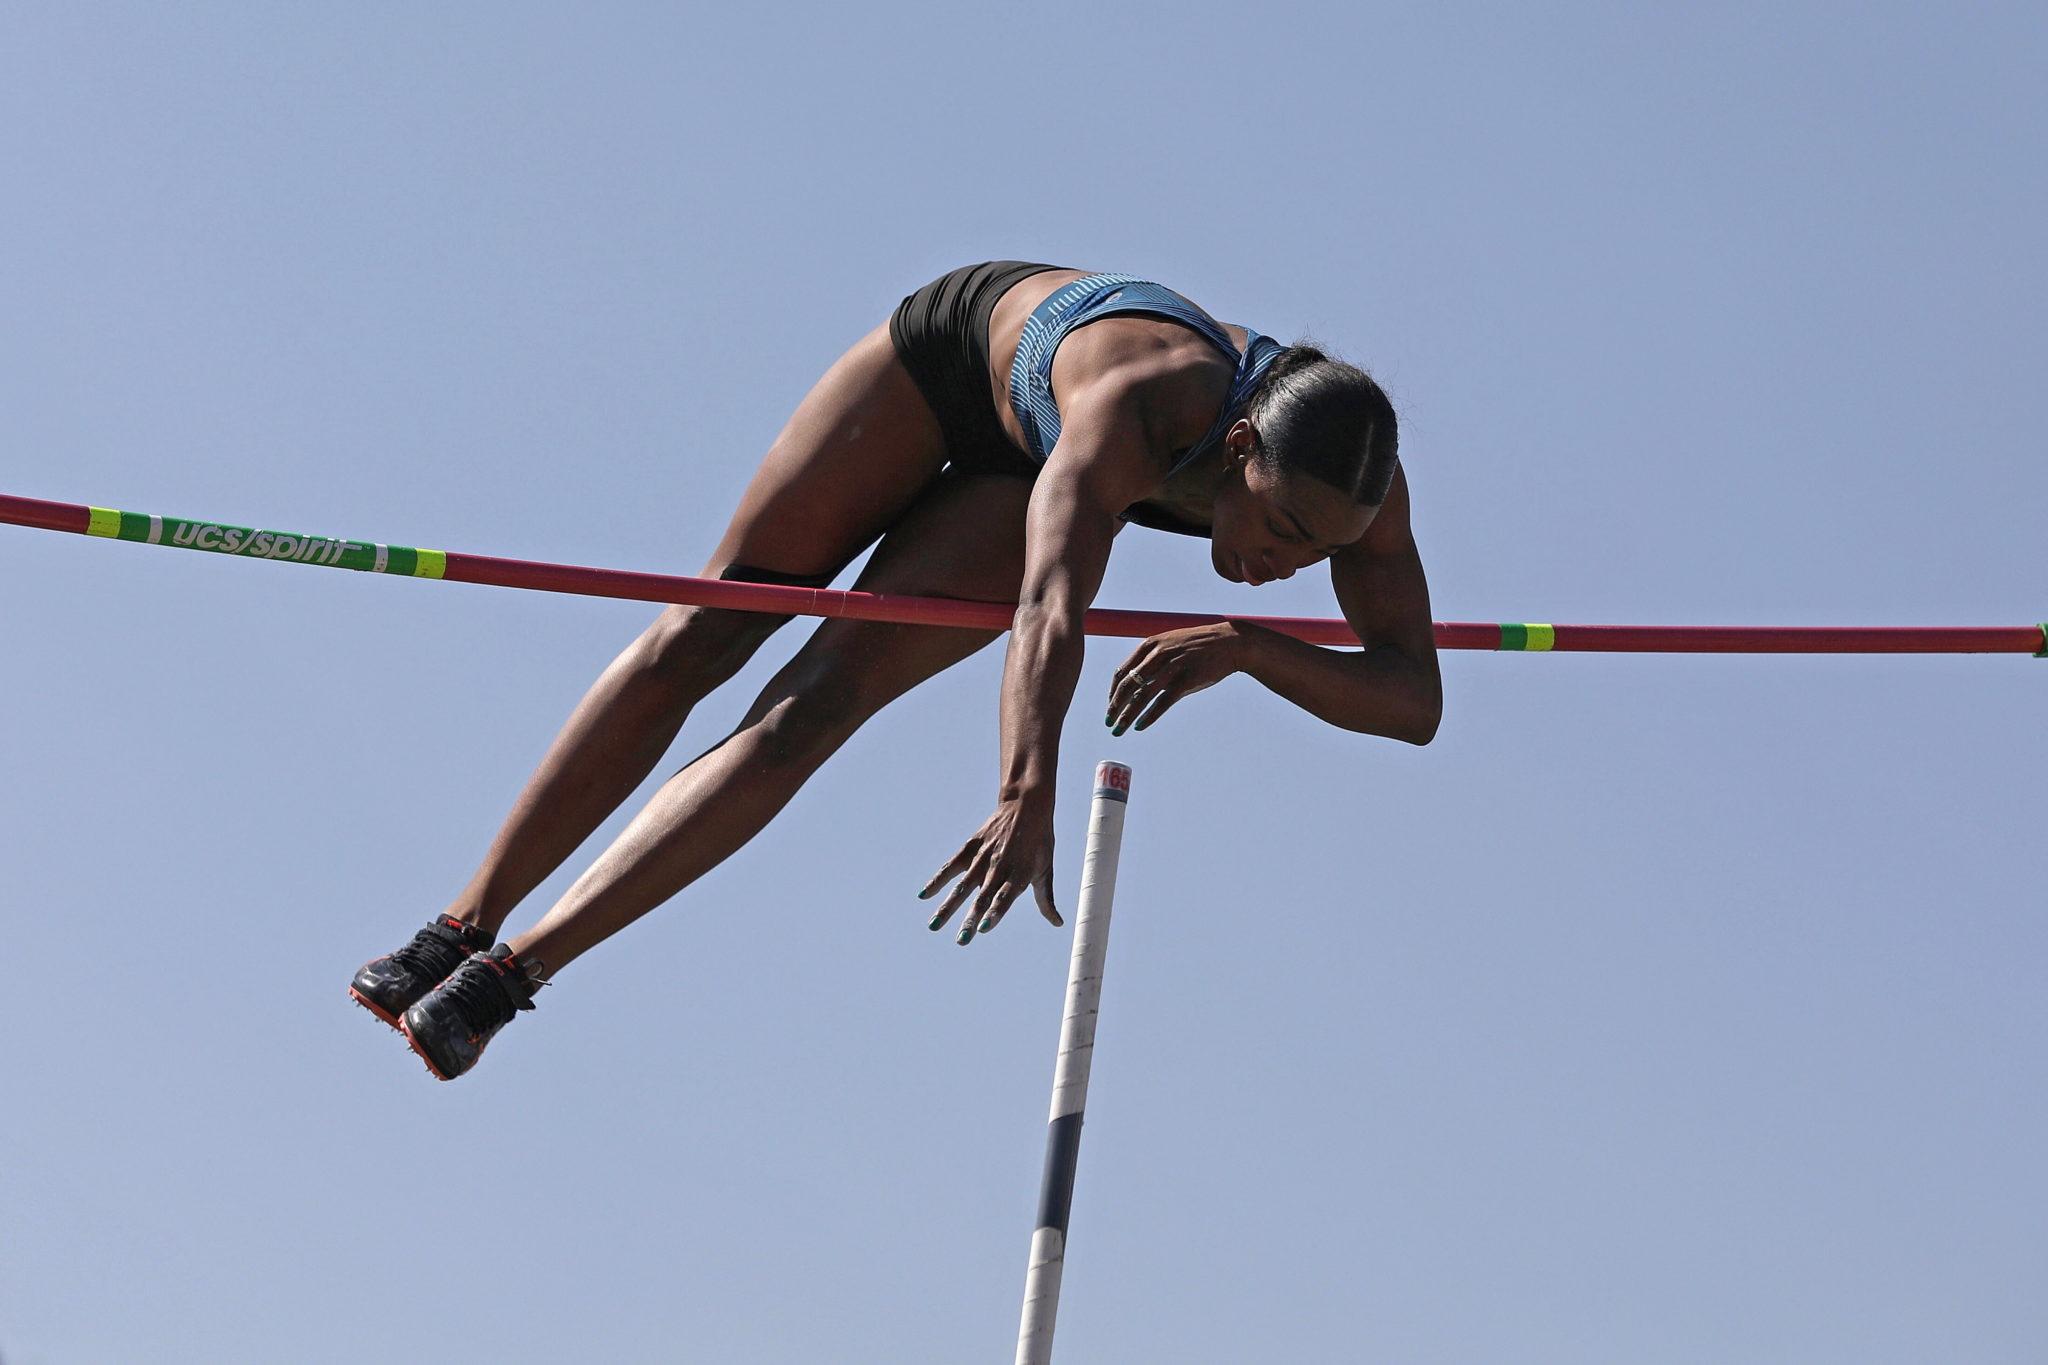 Mistrzostwa w lekkiej atletyce w Meksyku. fot.  EPA/Sashenka Gutierrez